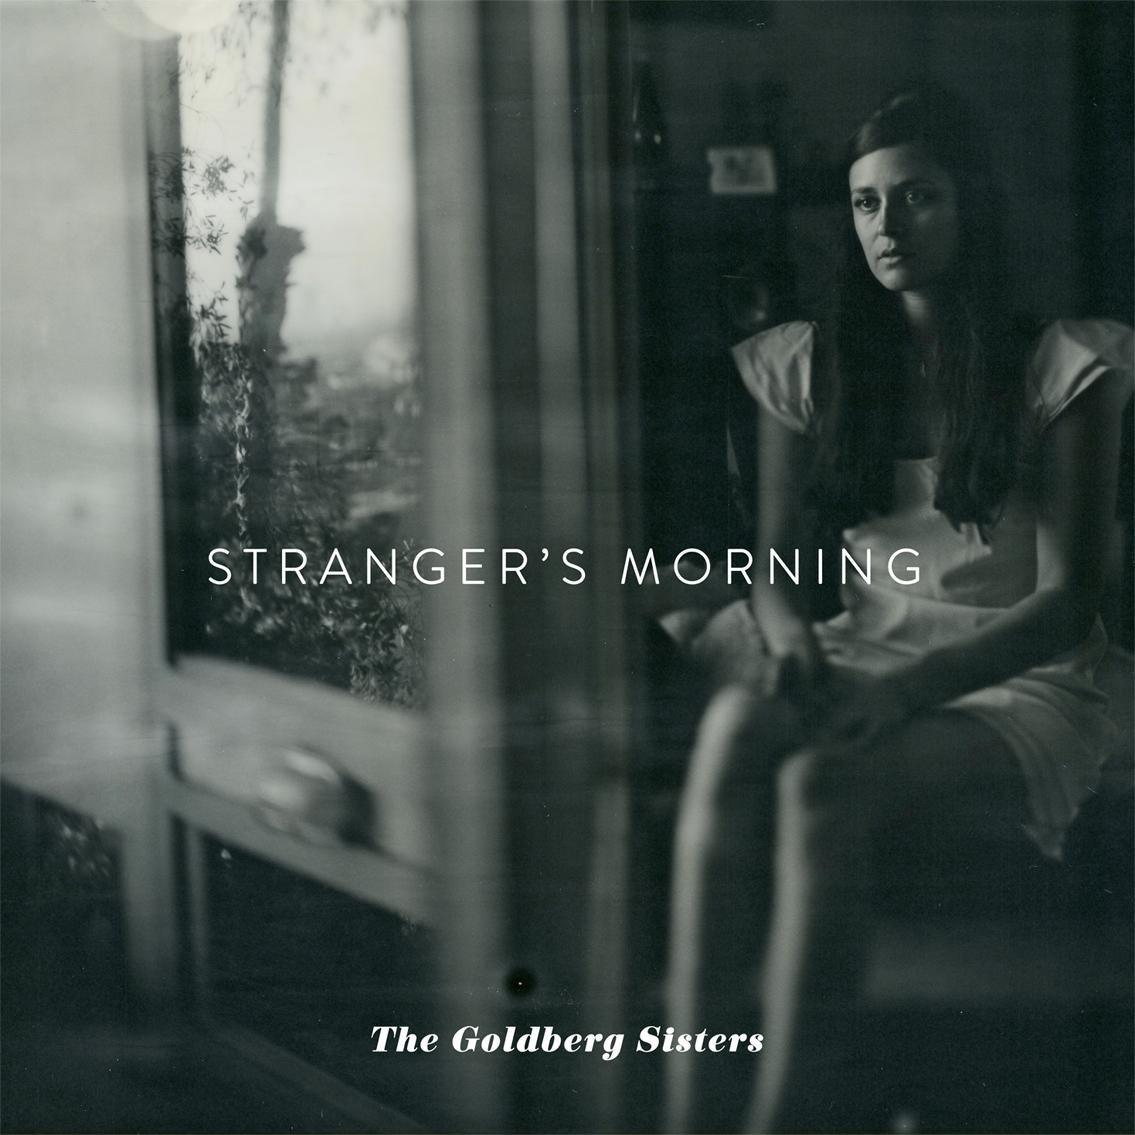 The Goldberg Sisters Stranger's Morning